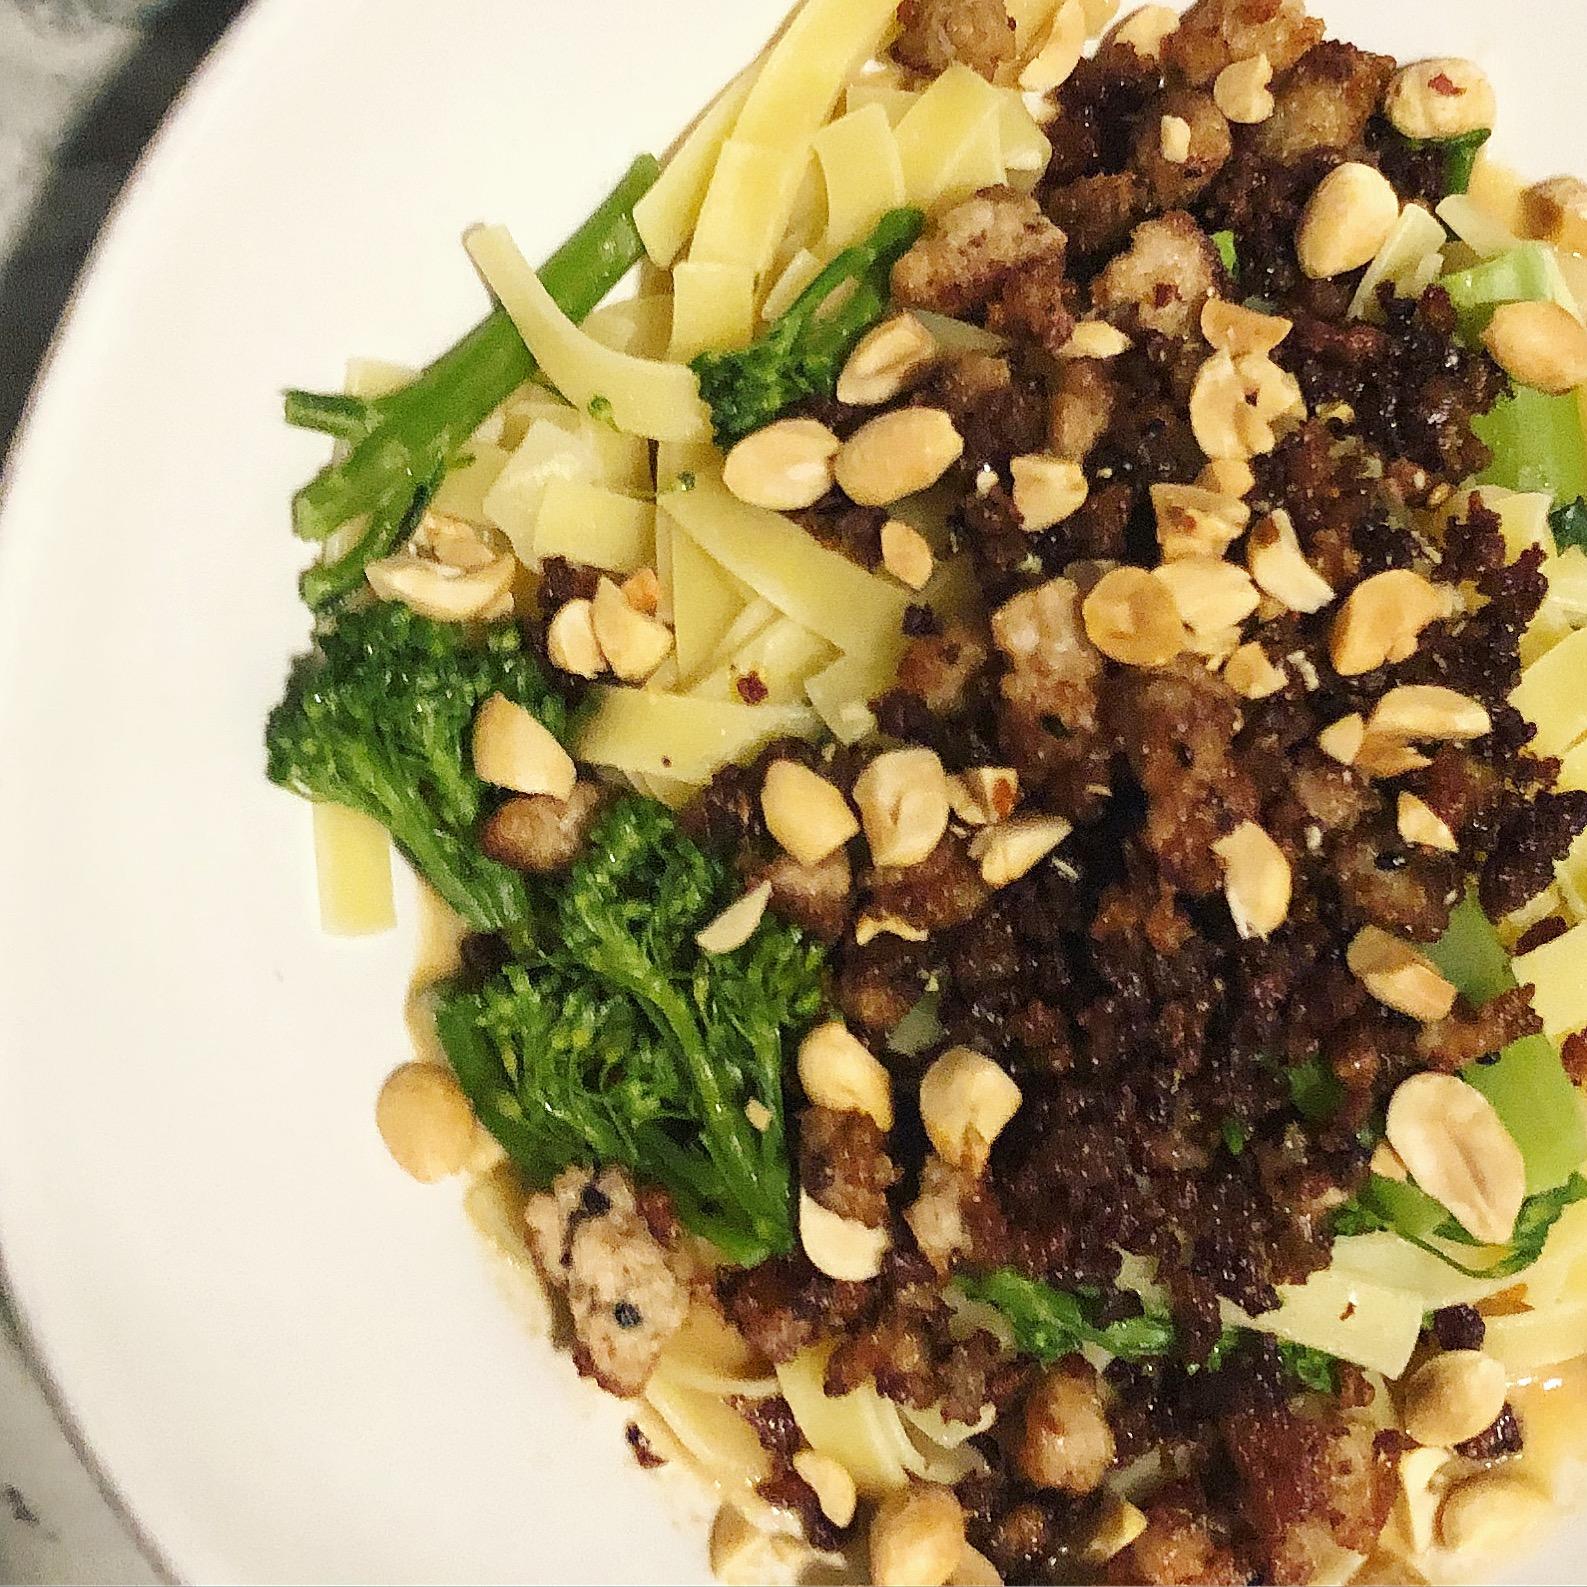 Sichuan-style Pork & Peanut Noodles